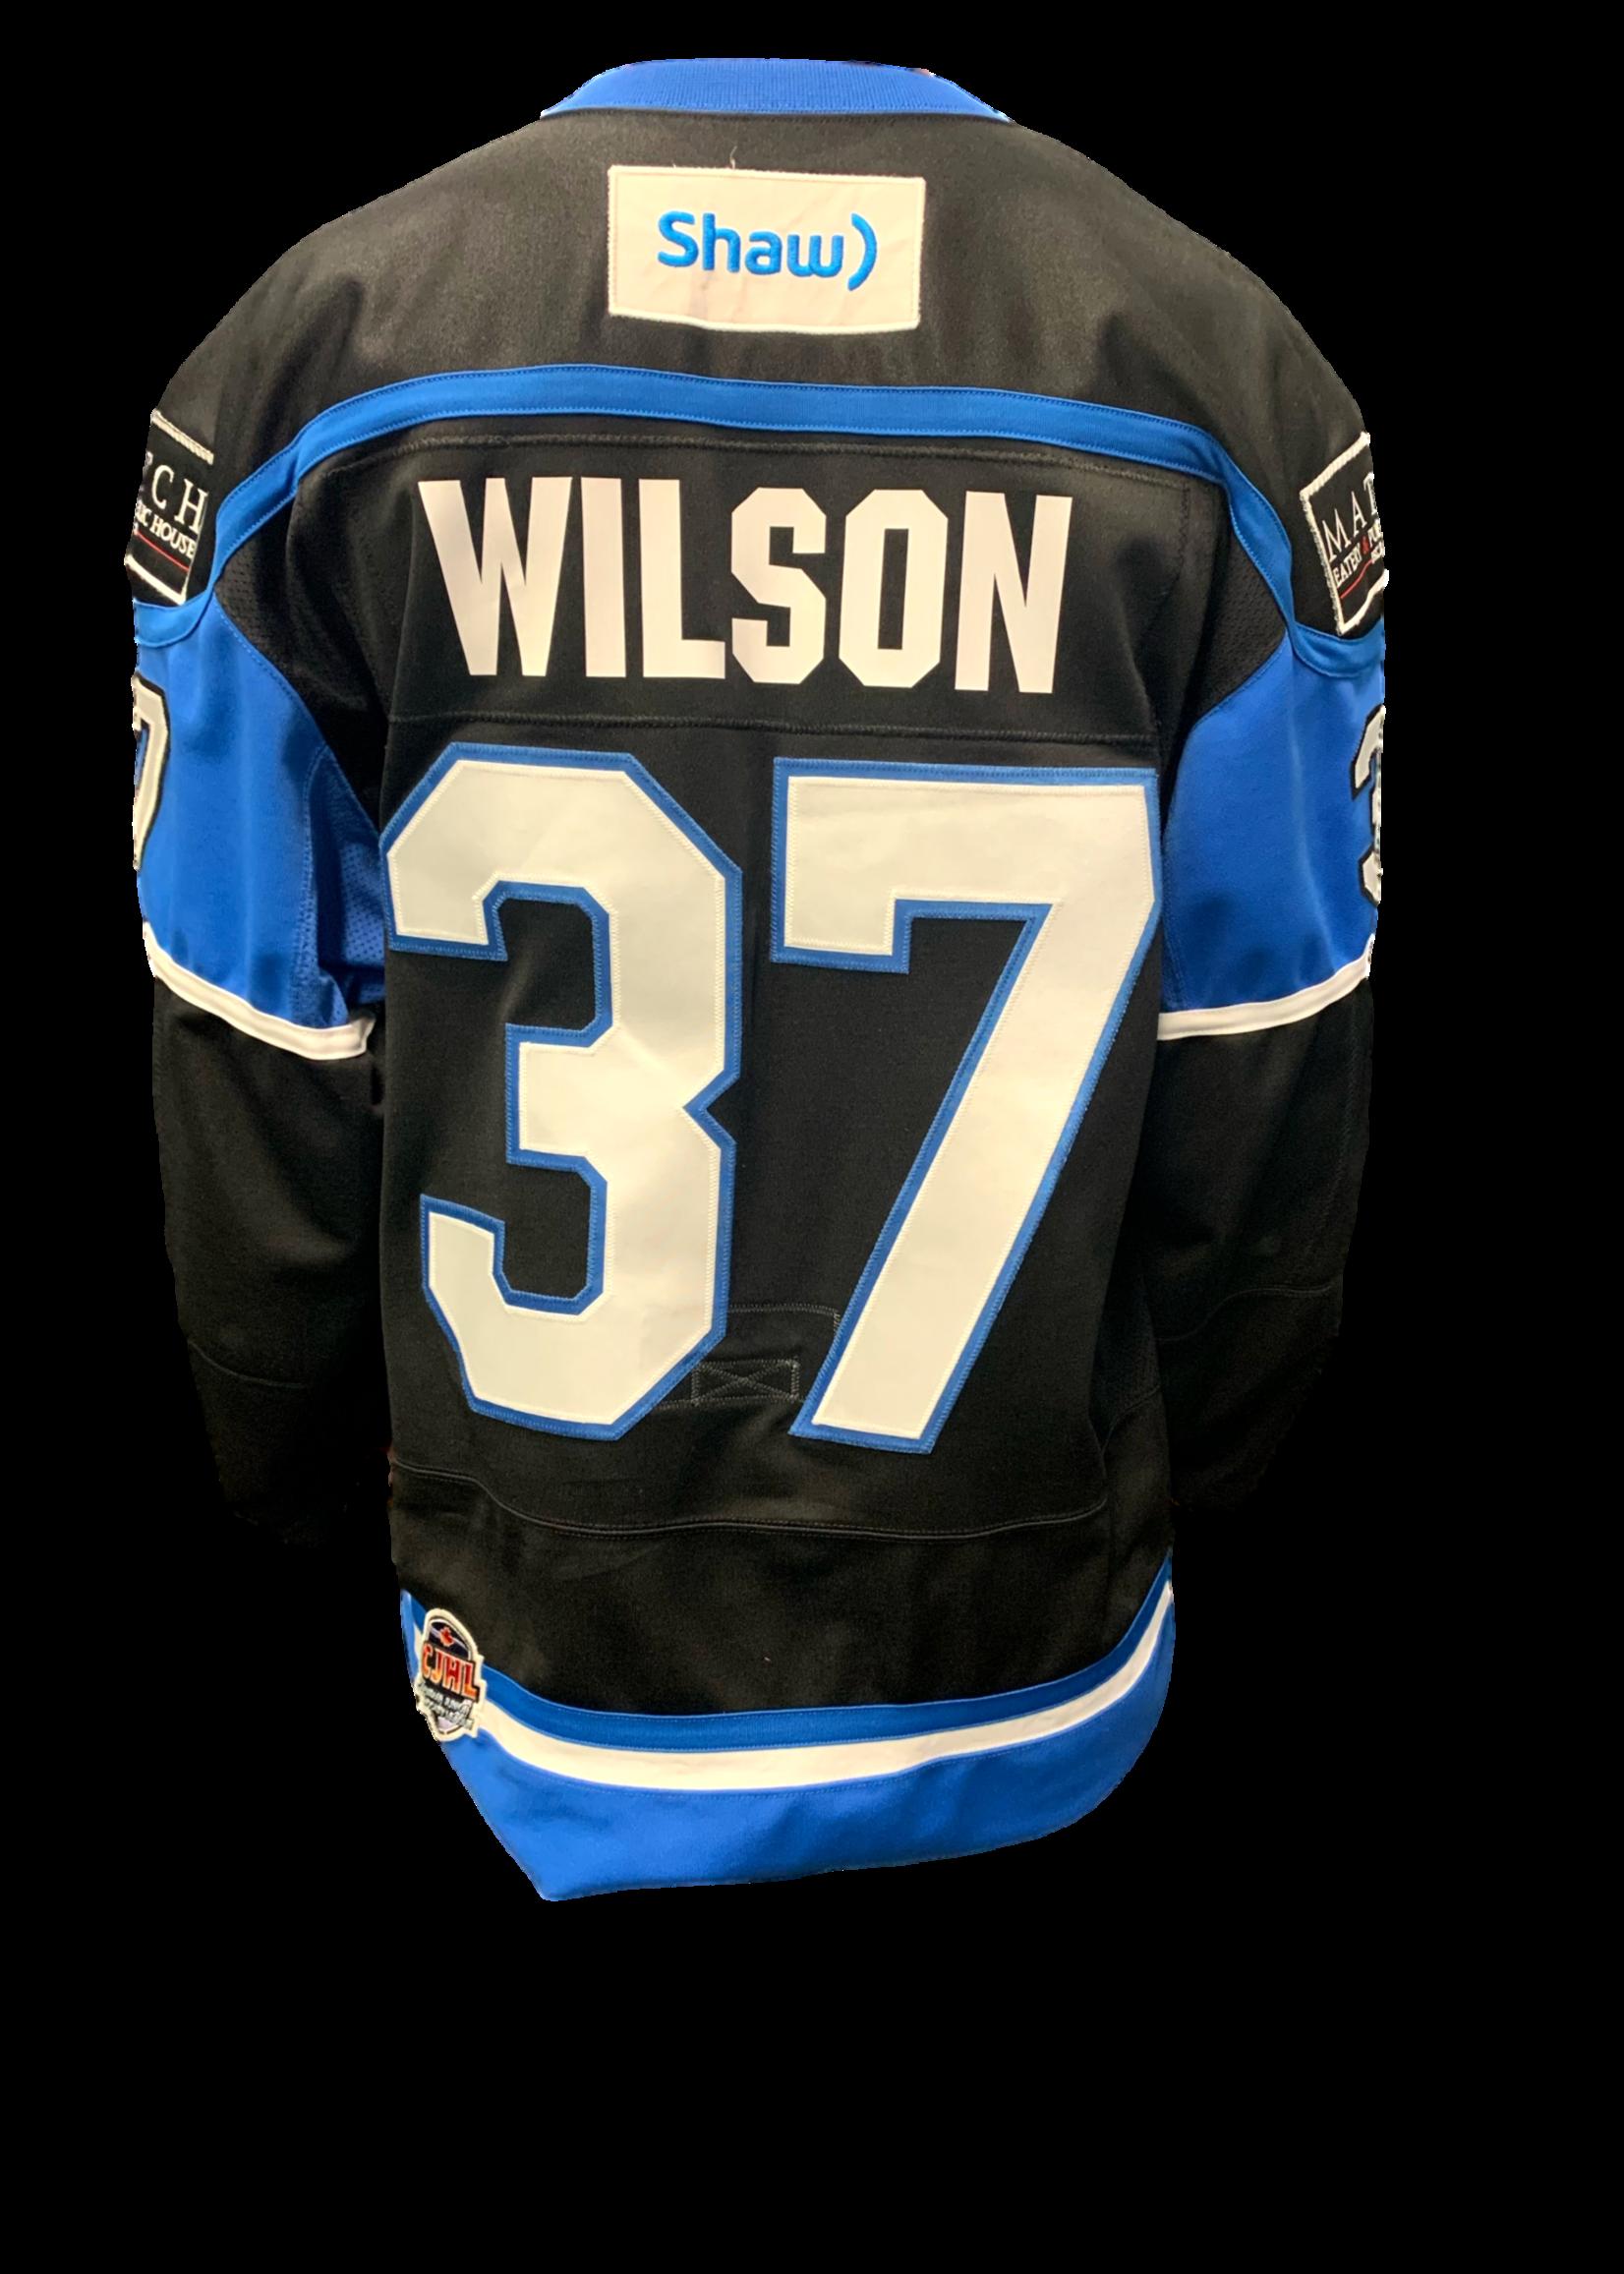 Bauer Wilson Game Worn Jersey - Team Signed